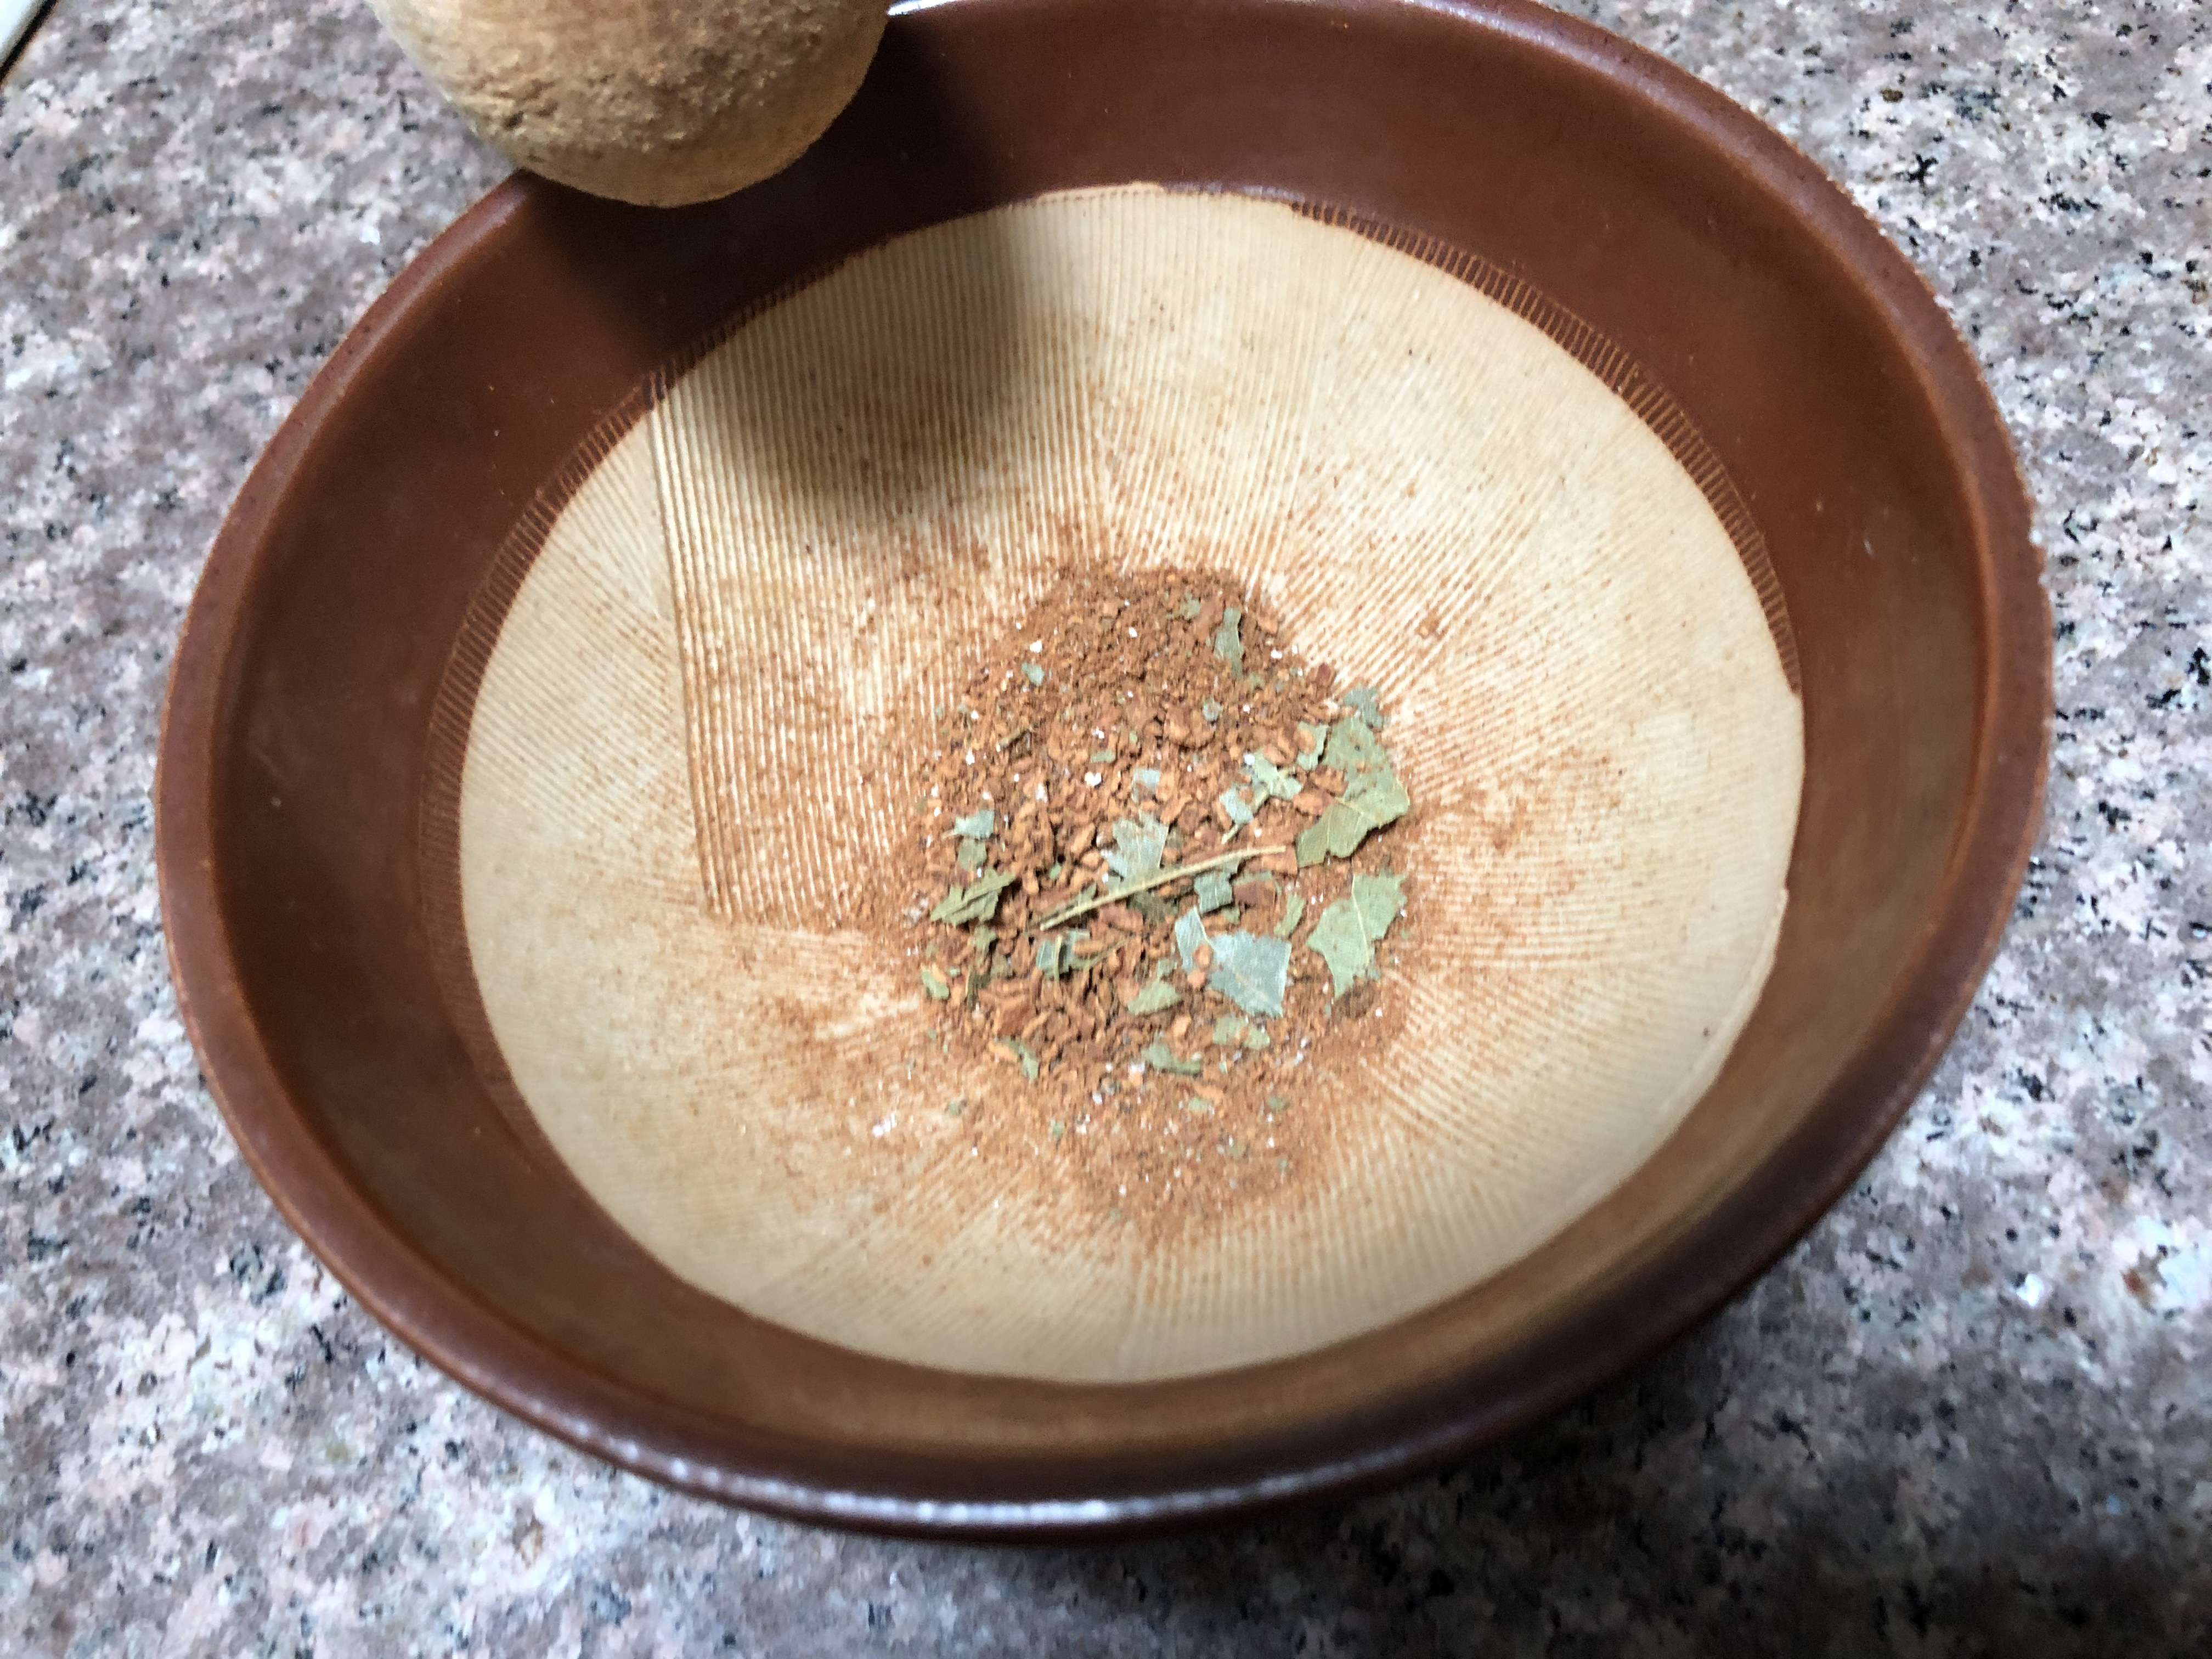 生姜シロップ しょうがシロップ ジンジャーシロップ レシピ 作り方 使い方 簡単 人気